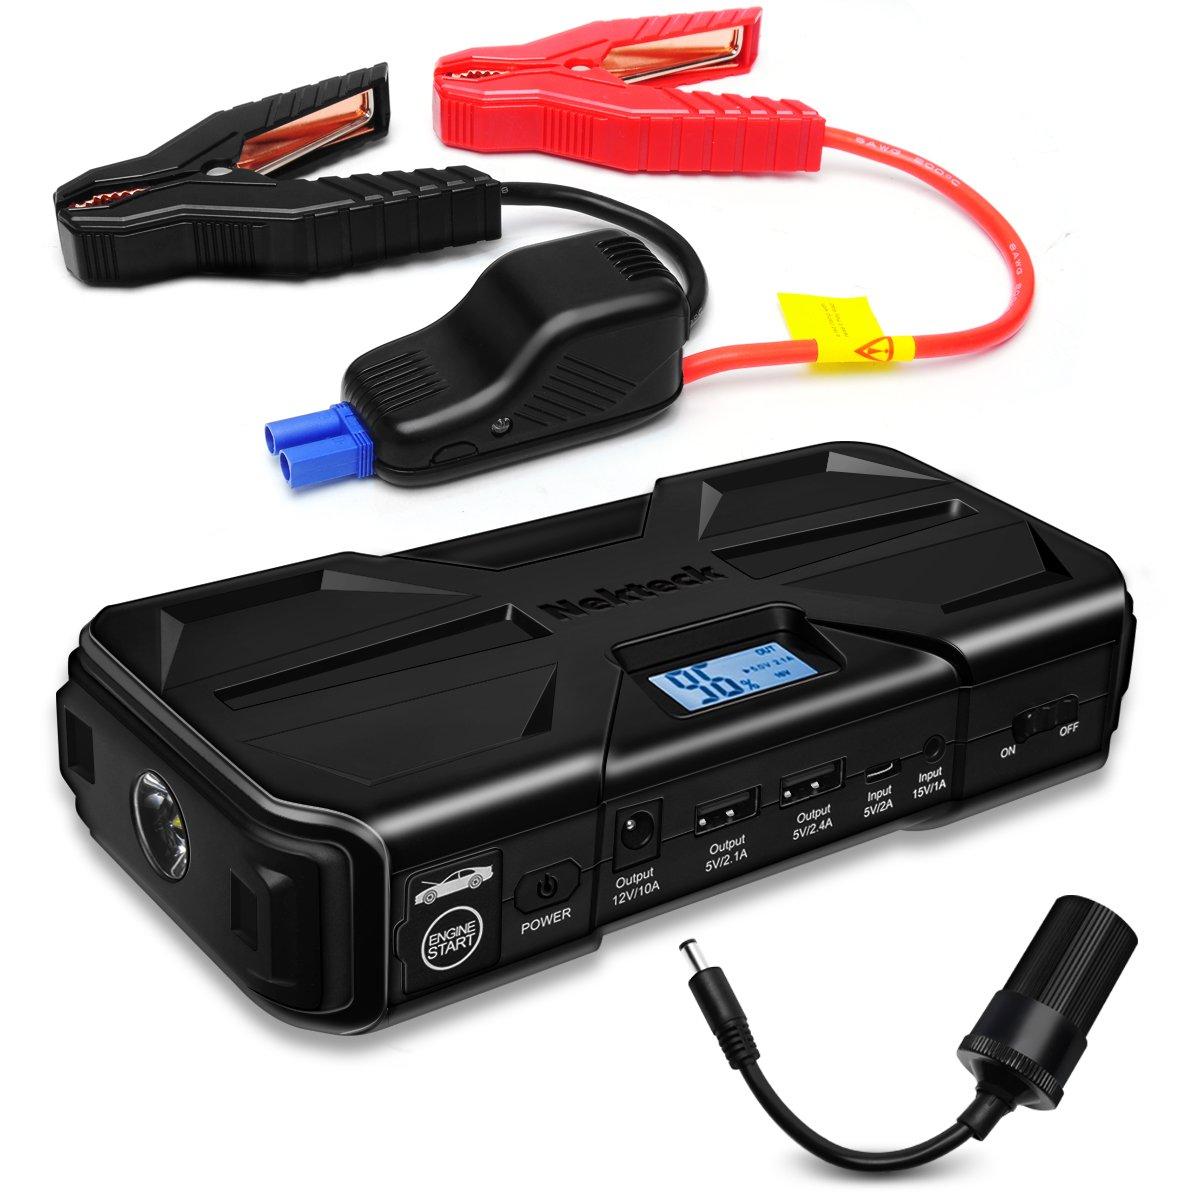 Nekteck Car Jump Starter 800A Peak 20000mAh Jump Starter Emergency Battery Pack Jump starter